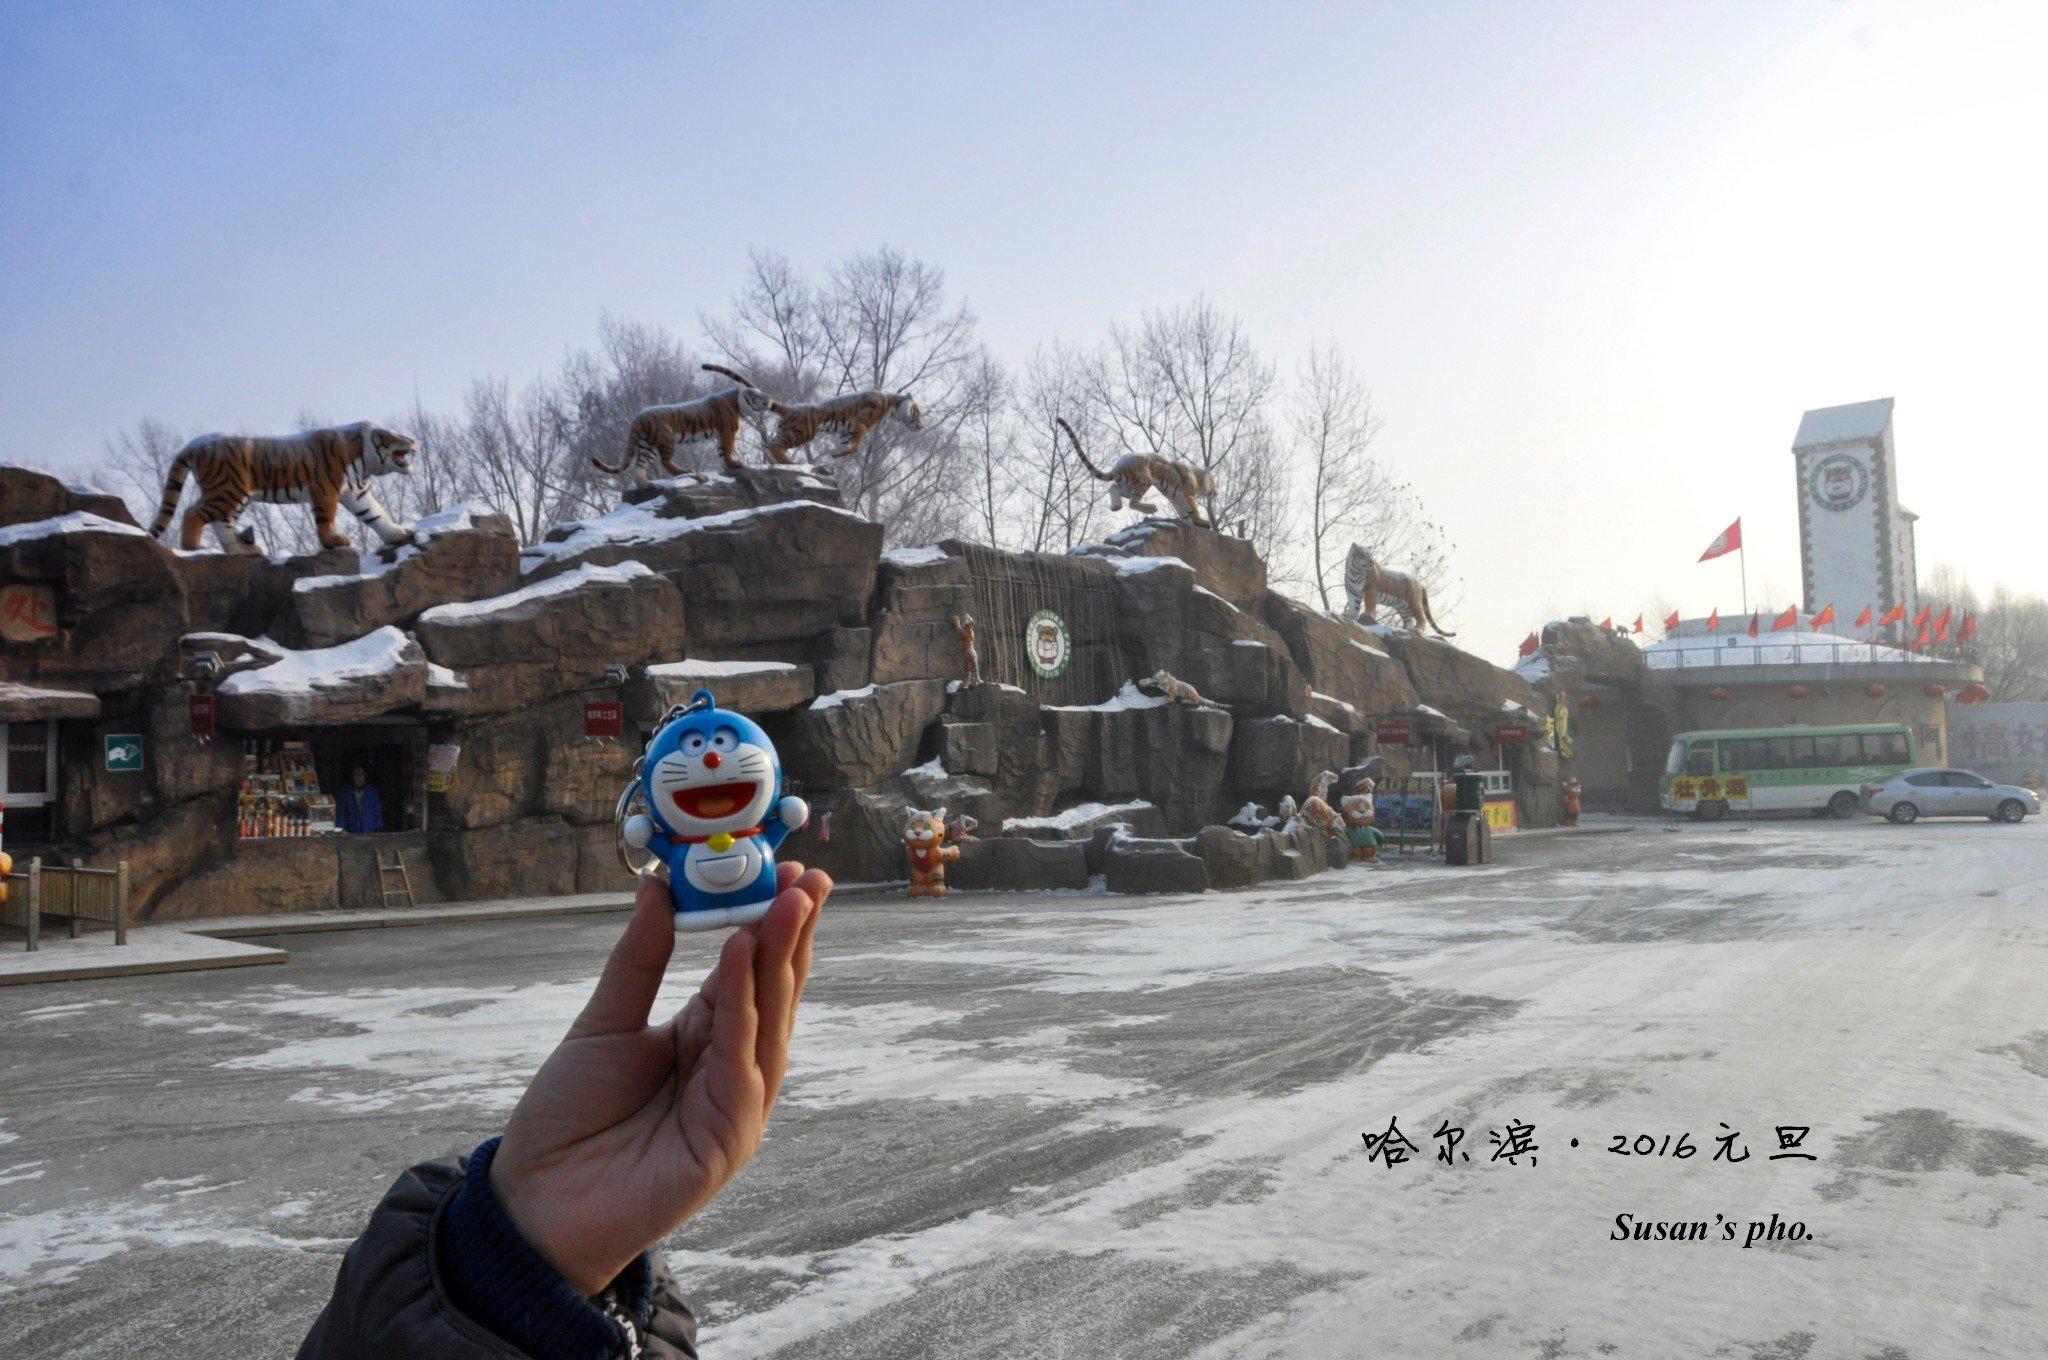 #带着蓝胖子去旅行#2016年元旦,吃货的挨冻之旅——【遇见】哈尔滨